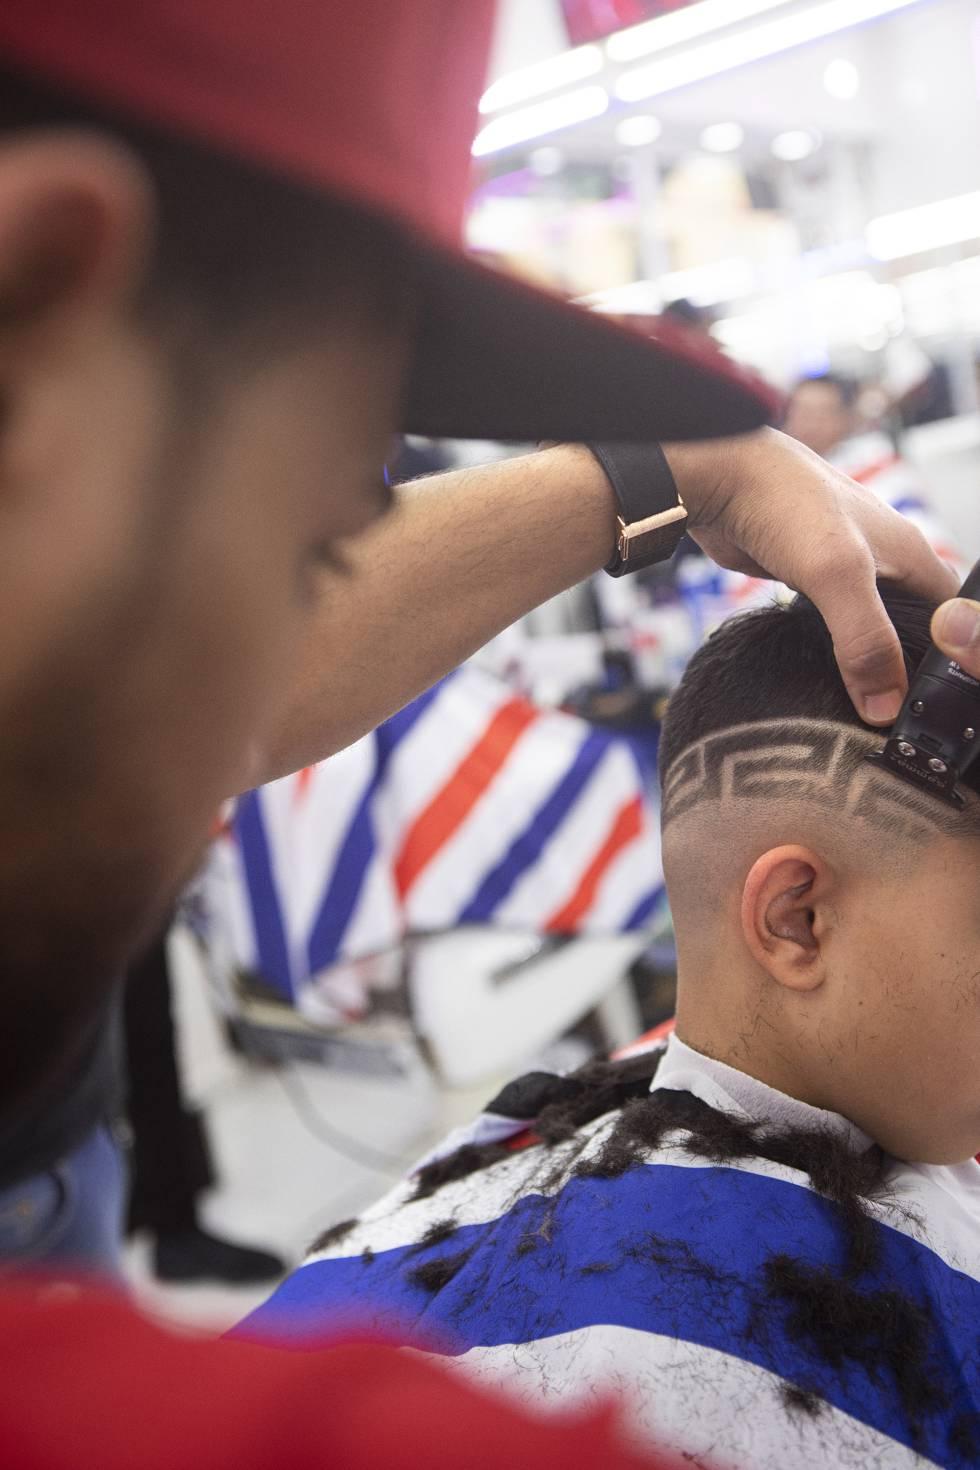 El interior del salón de belleza New York (Usera, Madrid), donde están realizando un afeitado con la técnica 'hair tatoo'.